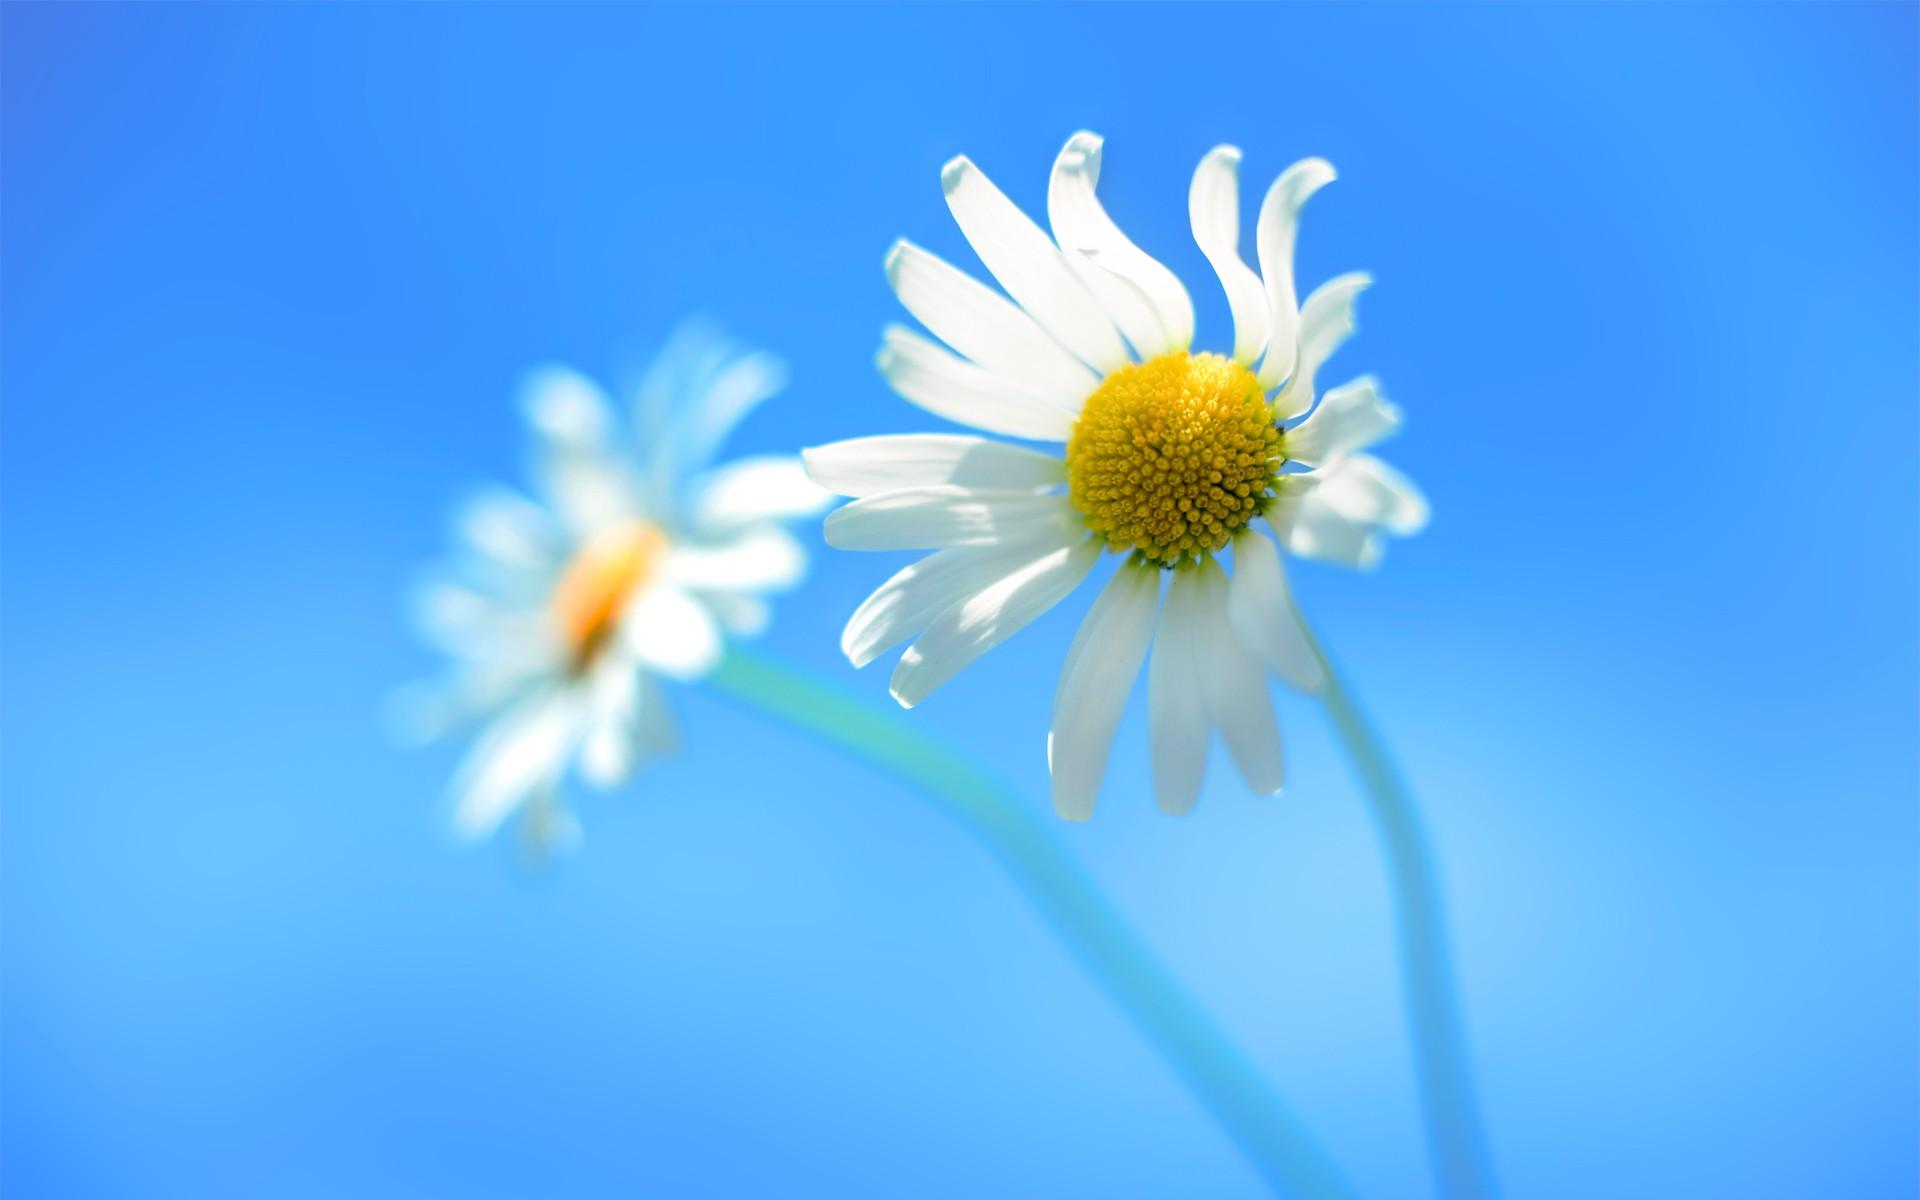 Windows 8官方壁纸 - 母菊